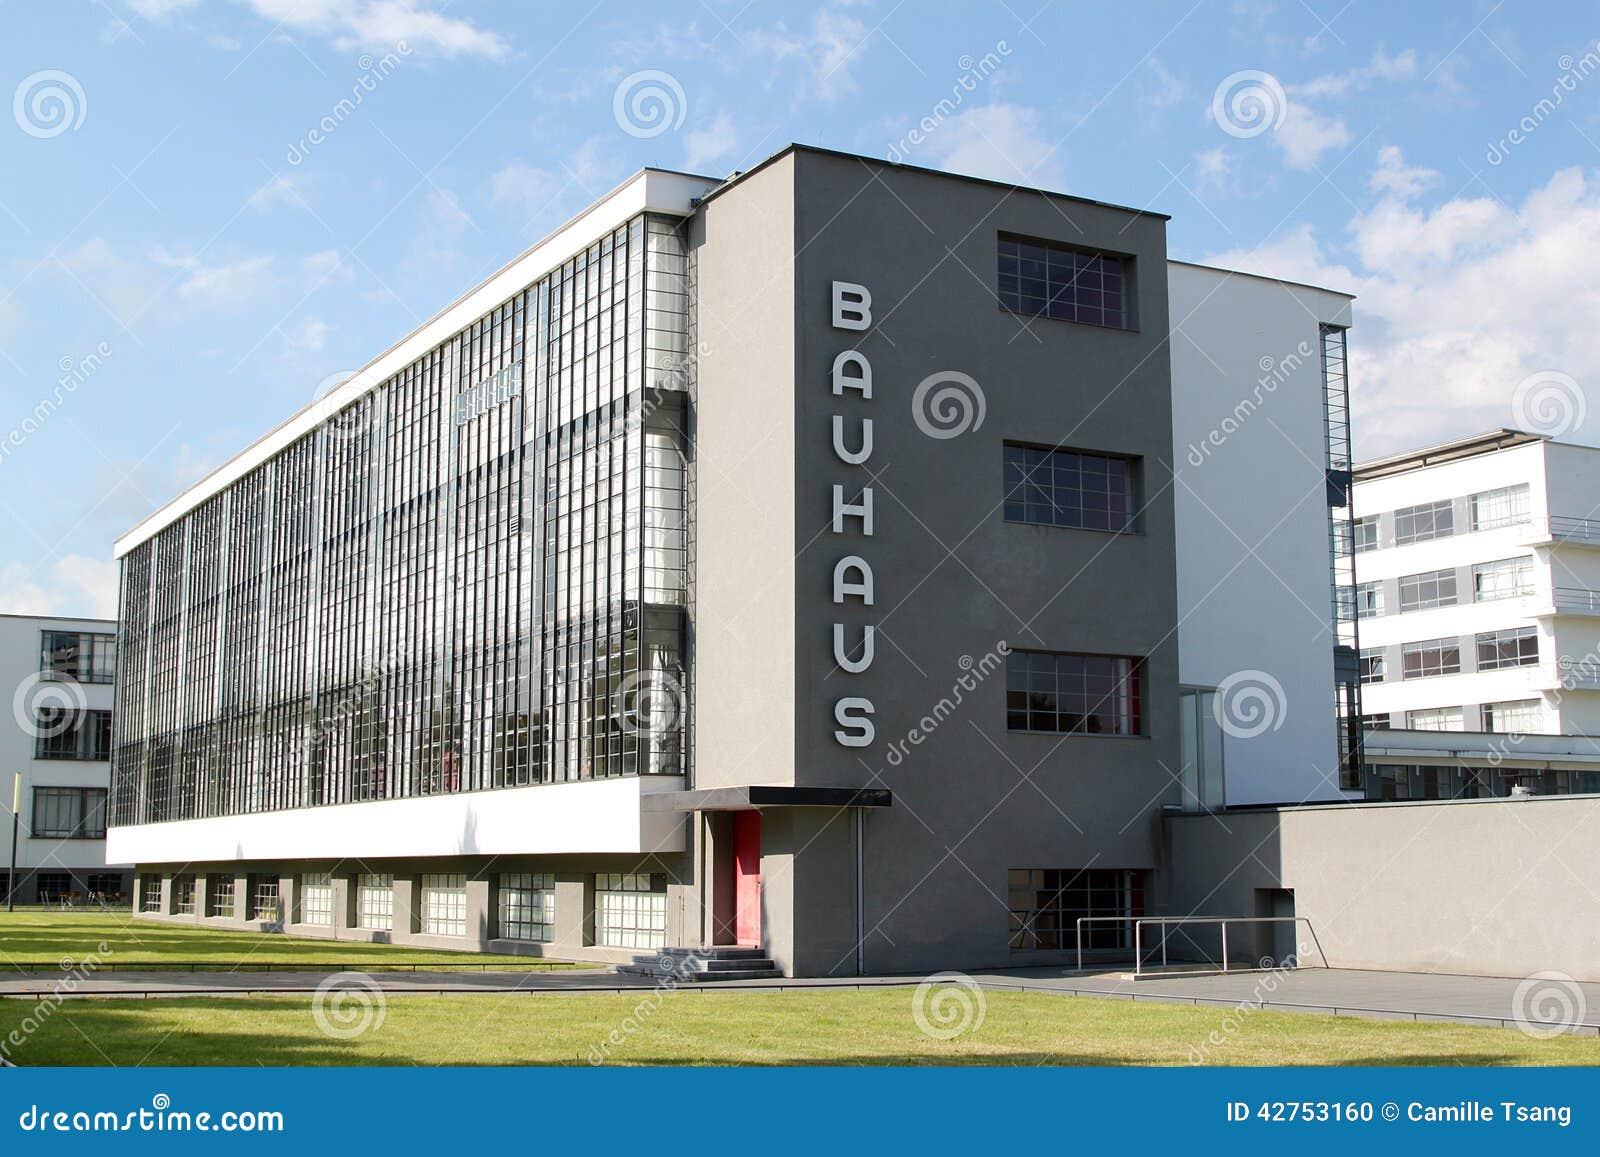 Bauhaus Dessau Redaktionell Foto Bild 42753160